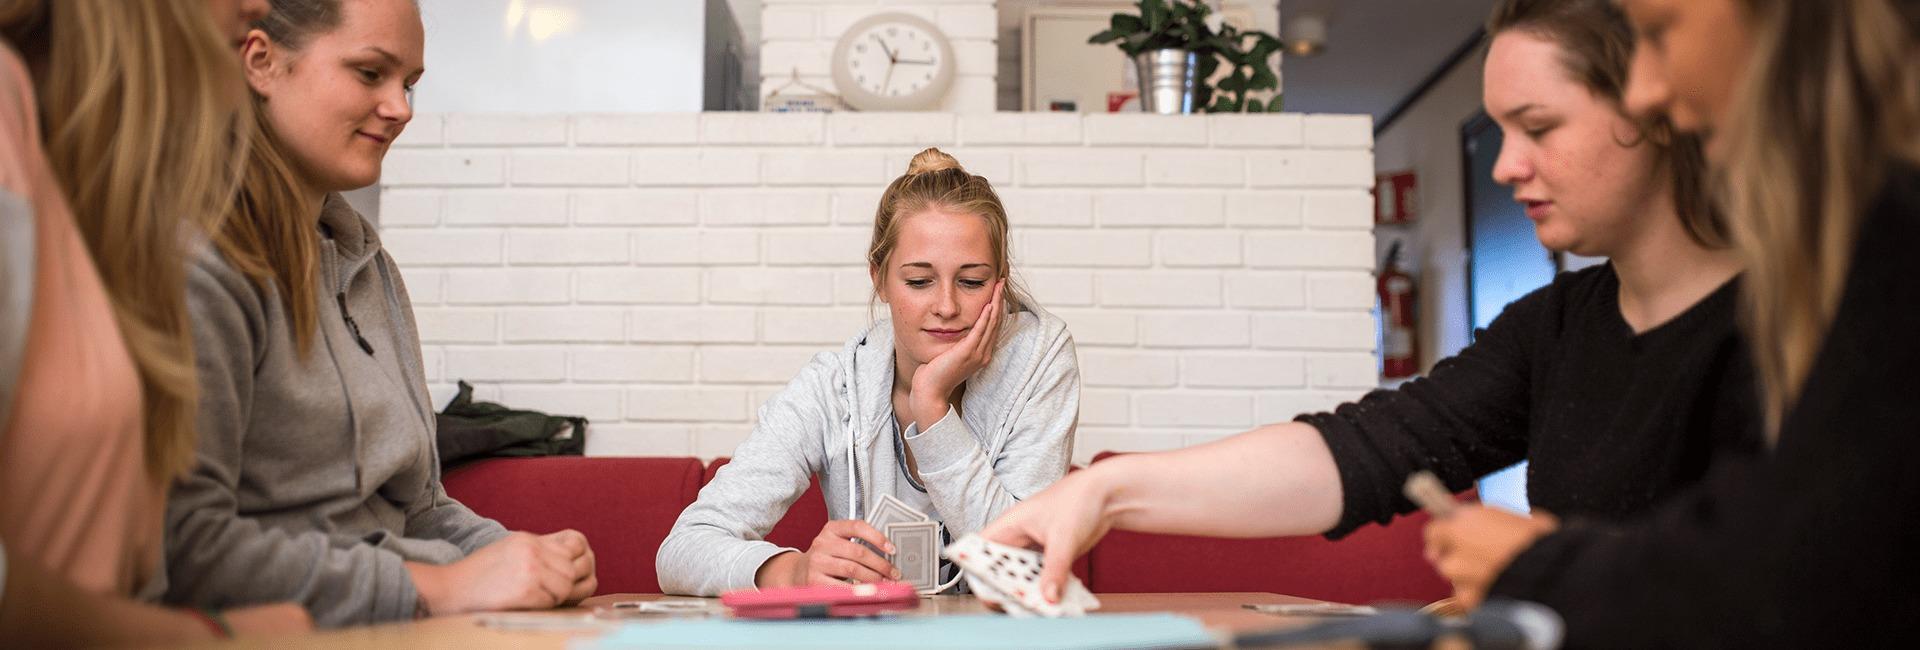 En venninnegjeng på Bømlo Folkehøgskule spiller kort i stua.